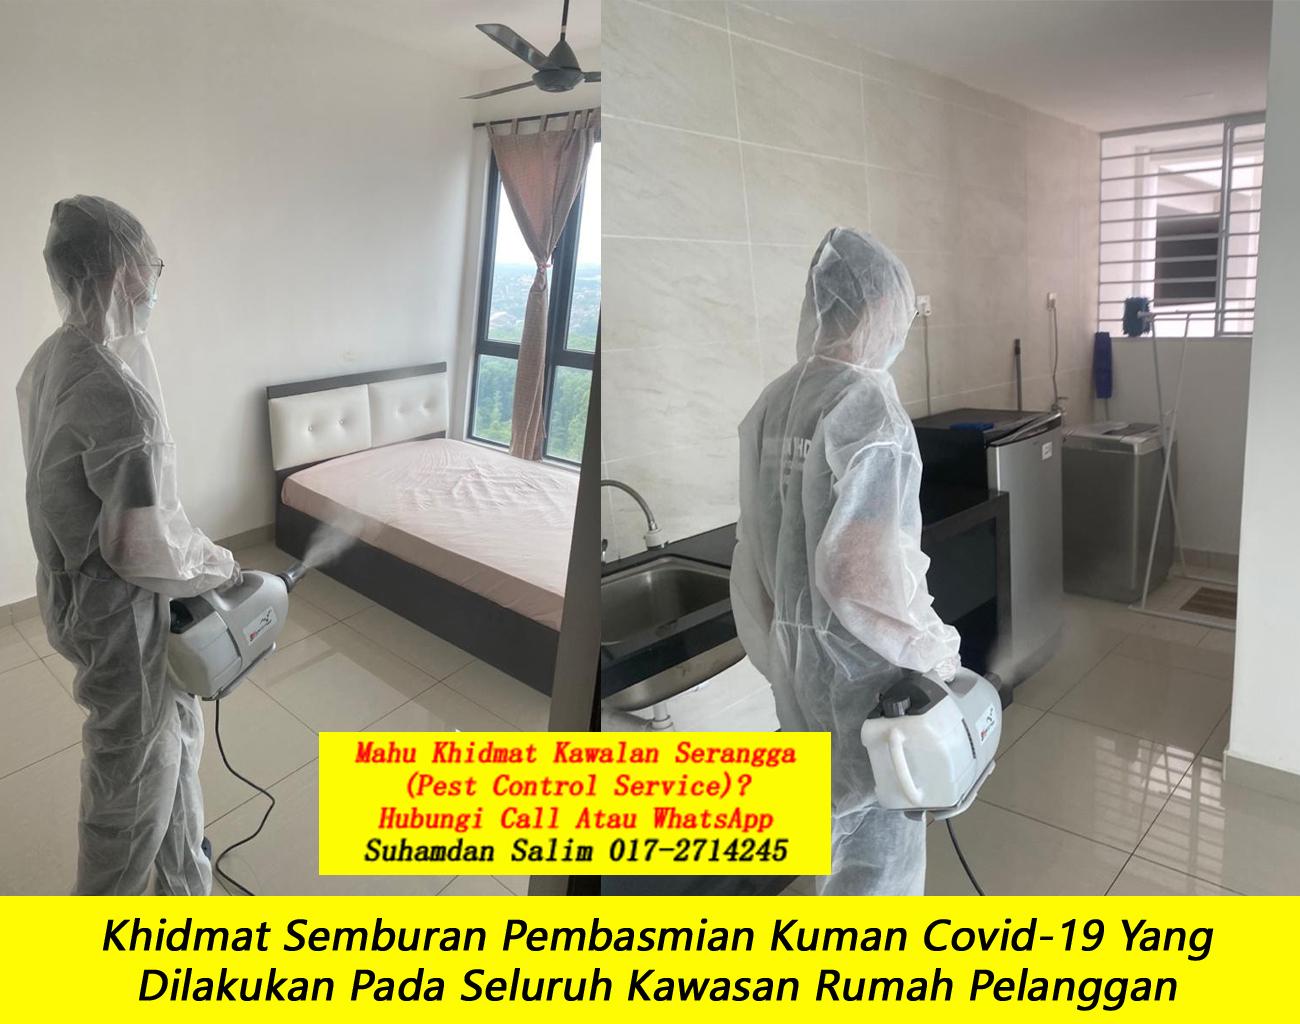 khidmat sanitizing membasmi kuman Covid-19 Disinfection Service semburan sanitize covid 19 paling berkesan dengan harga berpatutan the best service covid-19 selangor felda